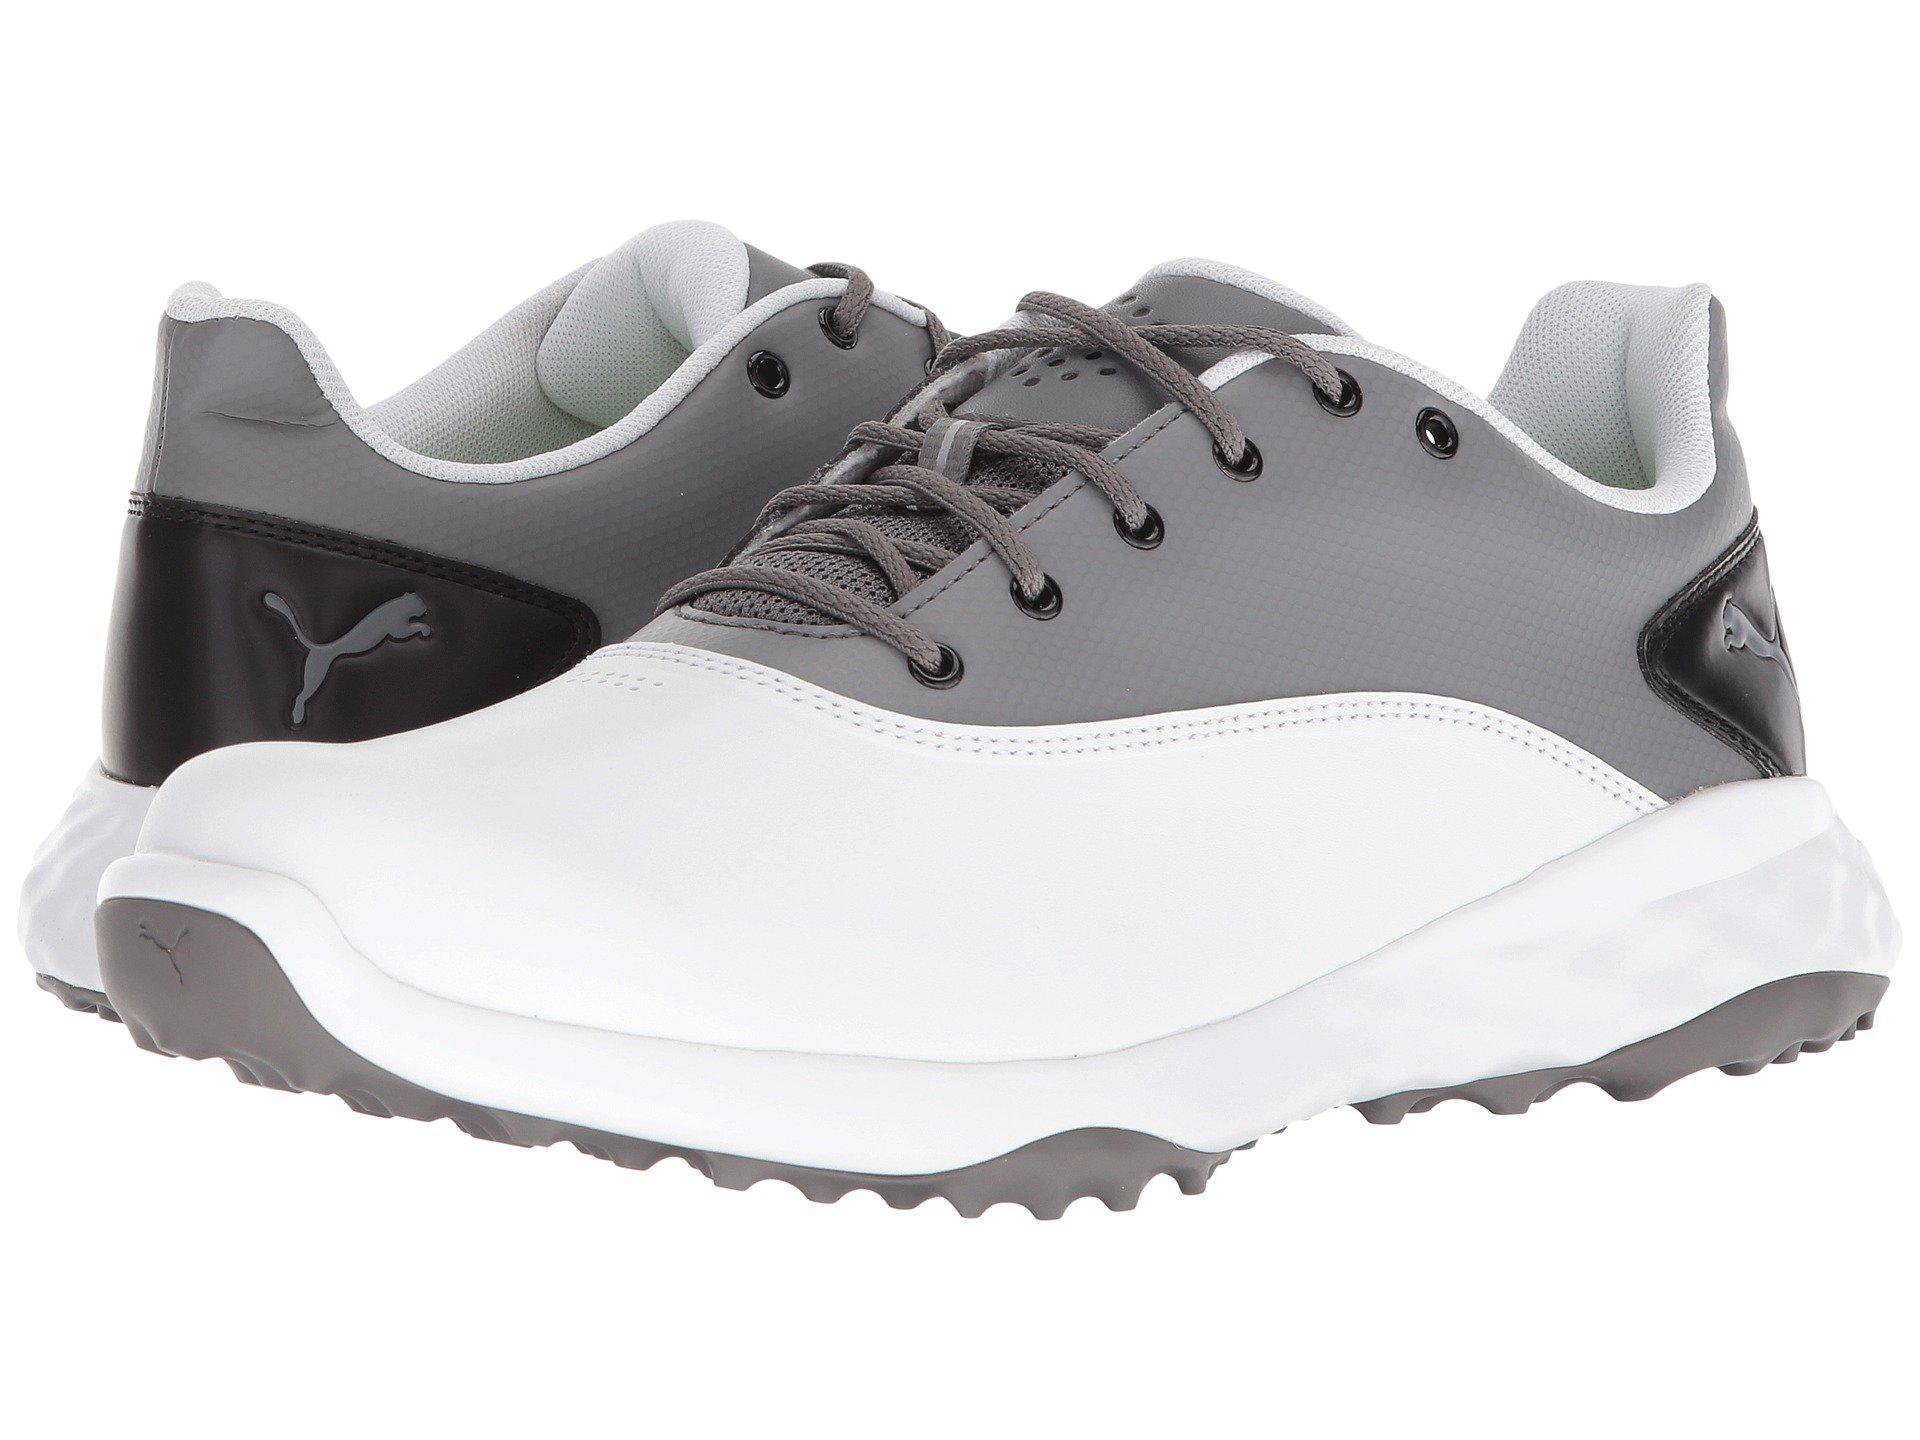 PUMA. Gray Grip Fusion (puma White quiet Shade puma Black) Men s Golf Shoes 69eb8e9da8d